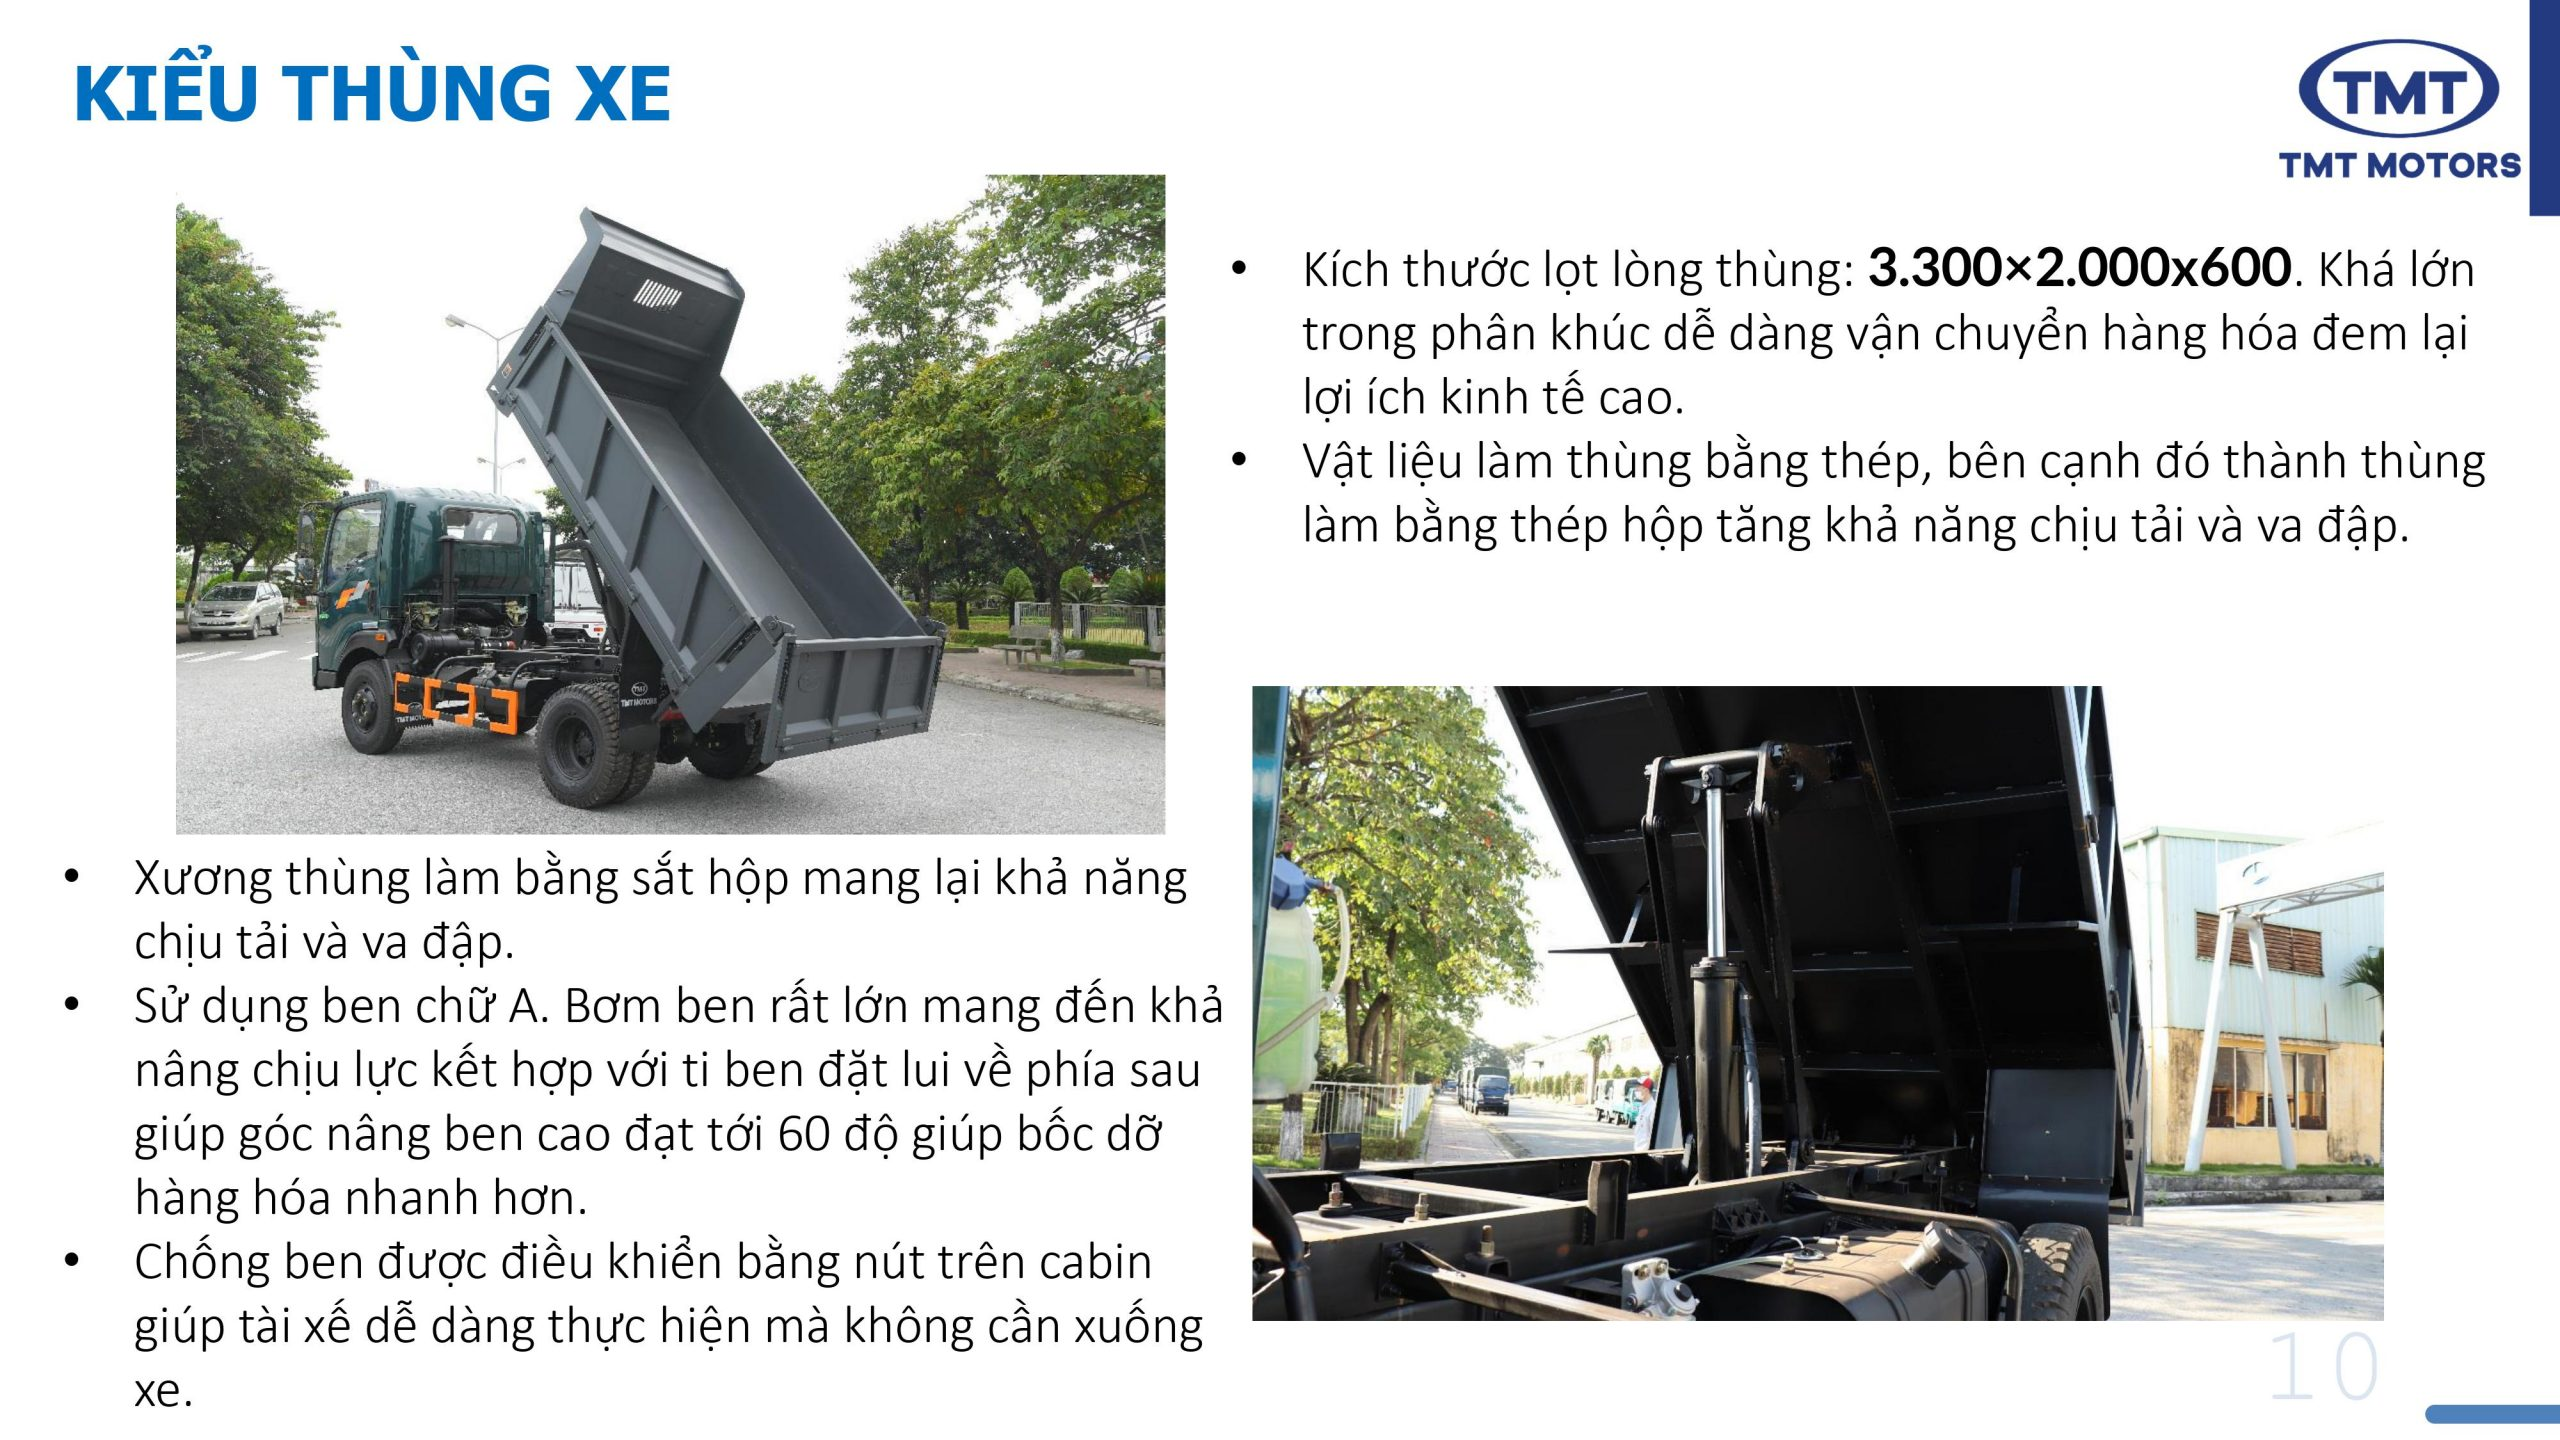 Kích thước thùng xe ben tmt 5 tấn kc7050d